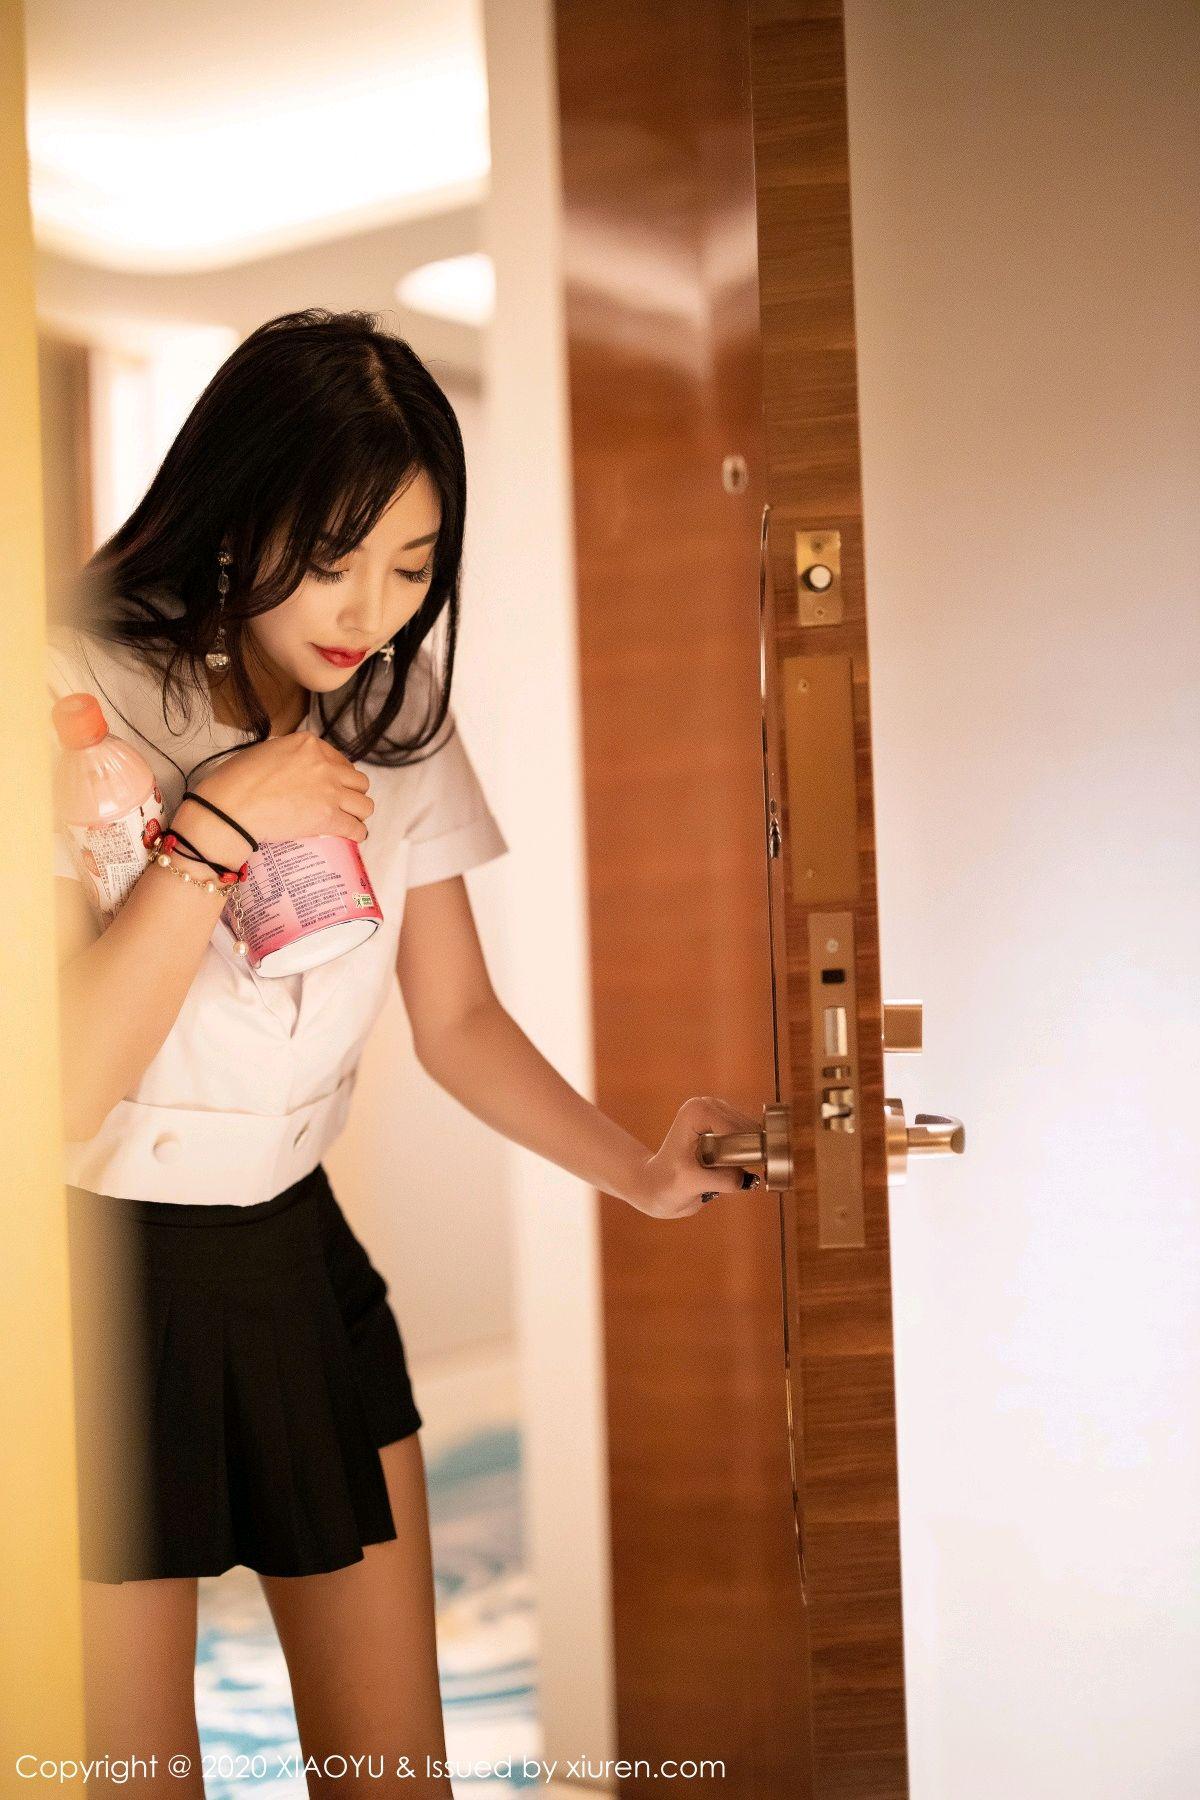 [XIAOYU] Vol.305 Yang Chen Chen 12P, Sexy, Underwear, Uniform, XiaoYu, Yang Chen Chen